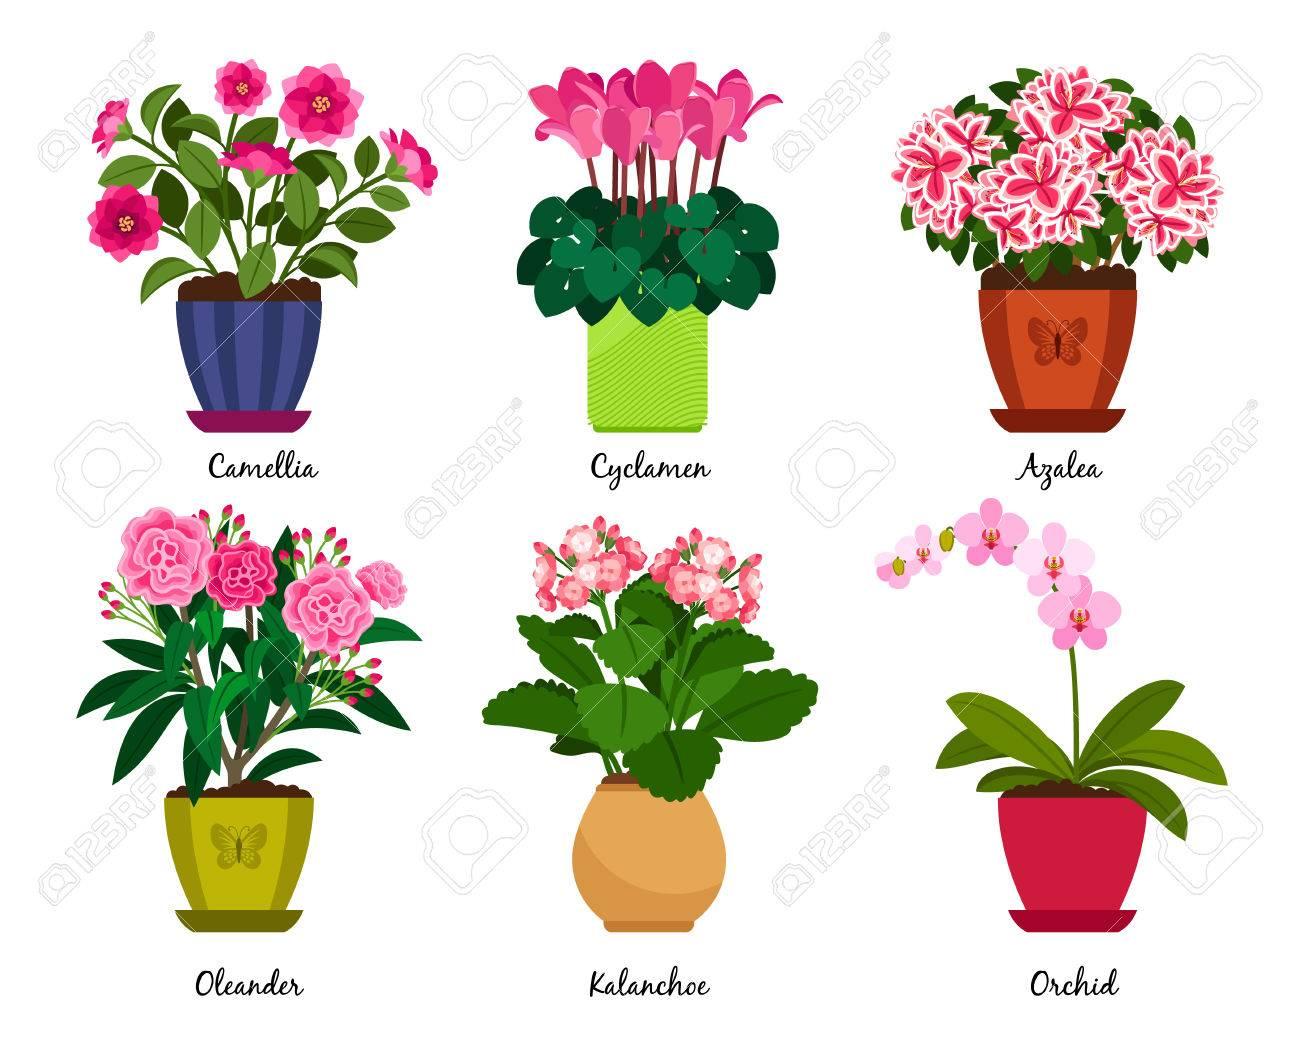 https://previews.123rf.com/images/ssstocker/ssstocker1708/ssstocker170800201/84909696-pots-de-fleurs-et-fleurs-de-plantes-d-int%C3%A9rieur-en-pots-cam%C3%A9lia-et-cyclamen-azal%C3%A9e-et-lauriers-roses-ka.jpg